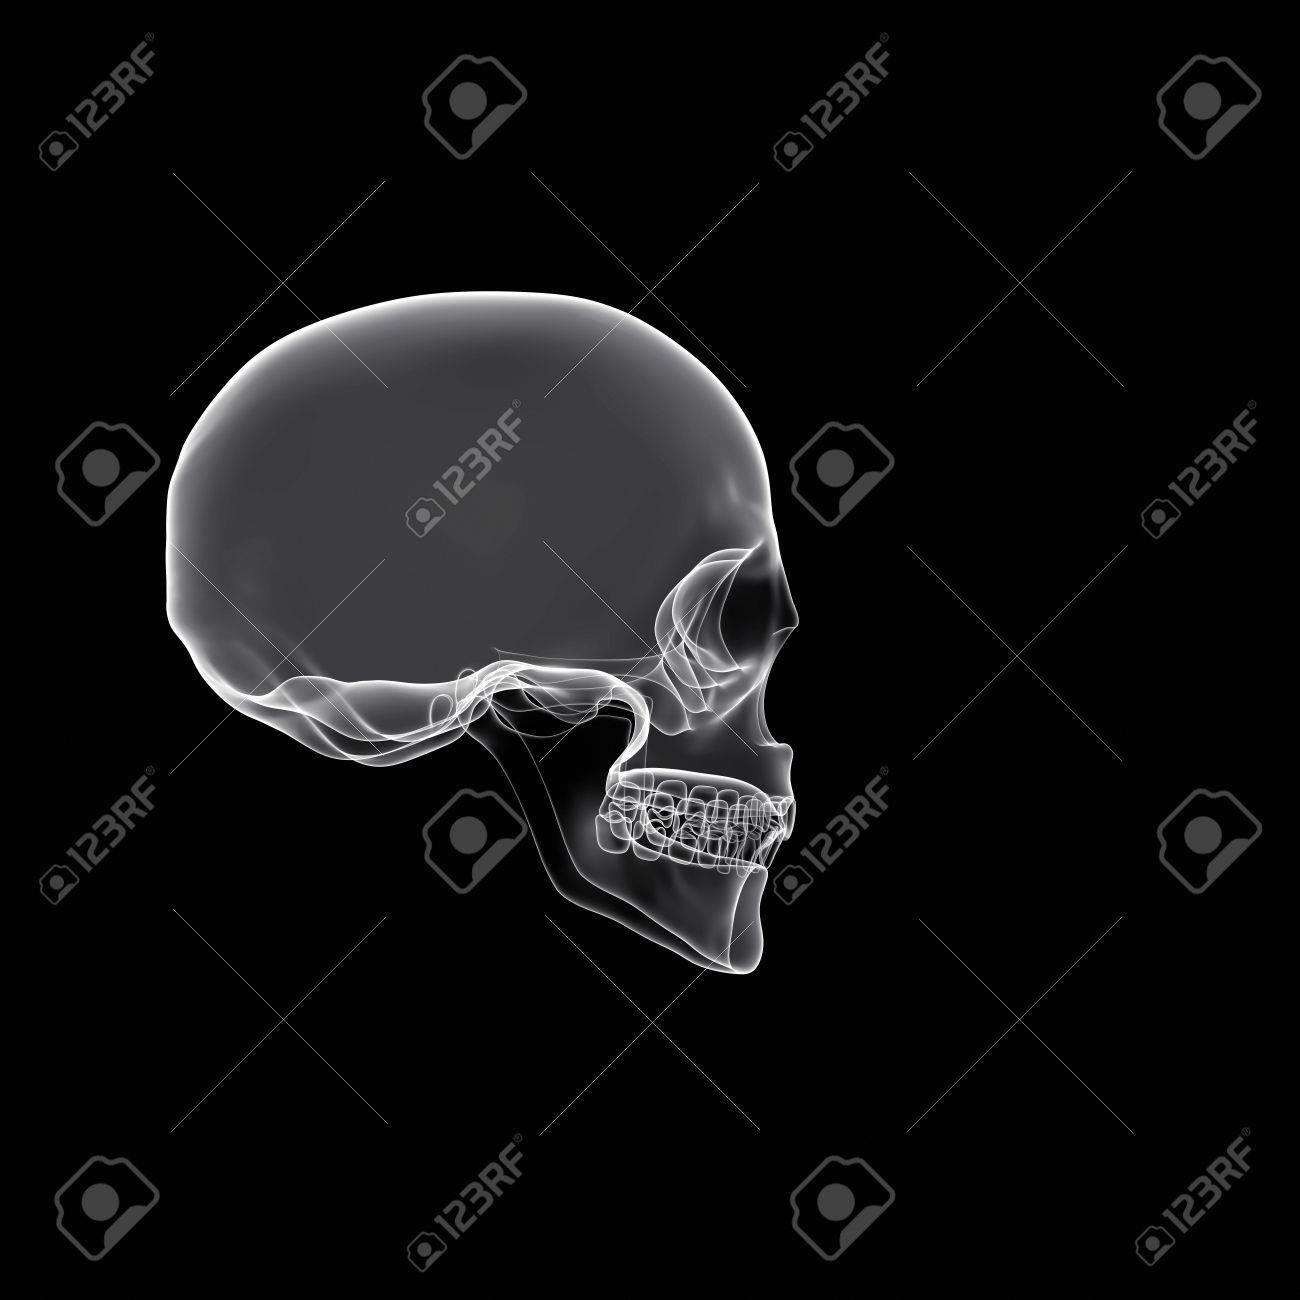 Cráneo Humano Aislado En Negro Con Rayos X O Efecto De Humo Fotos ...